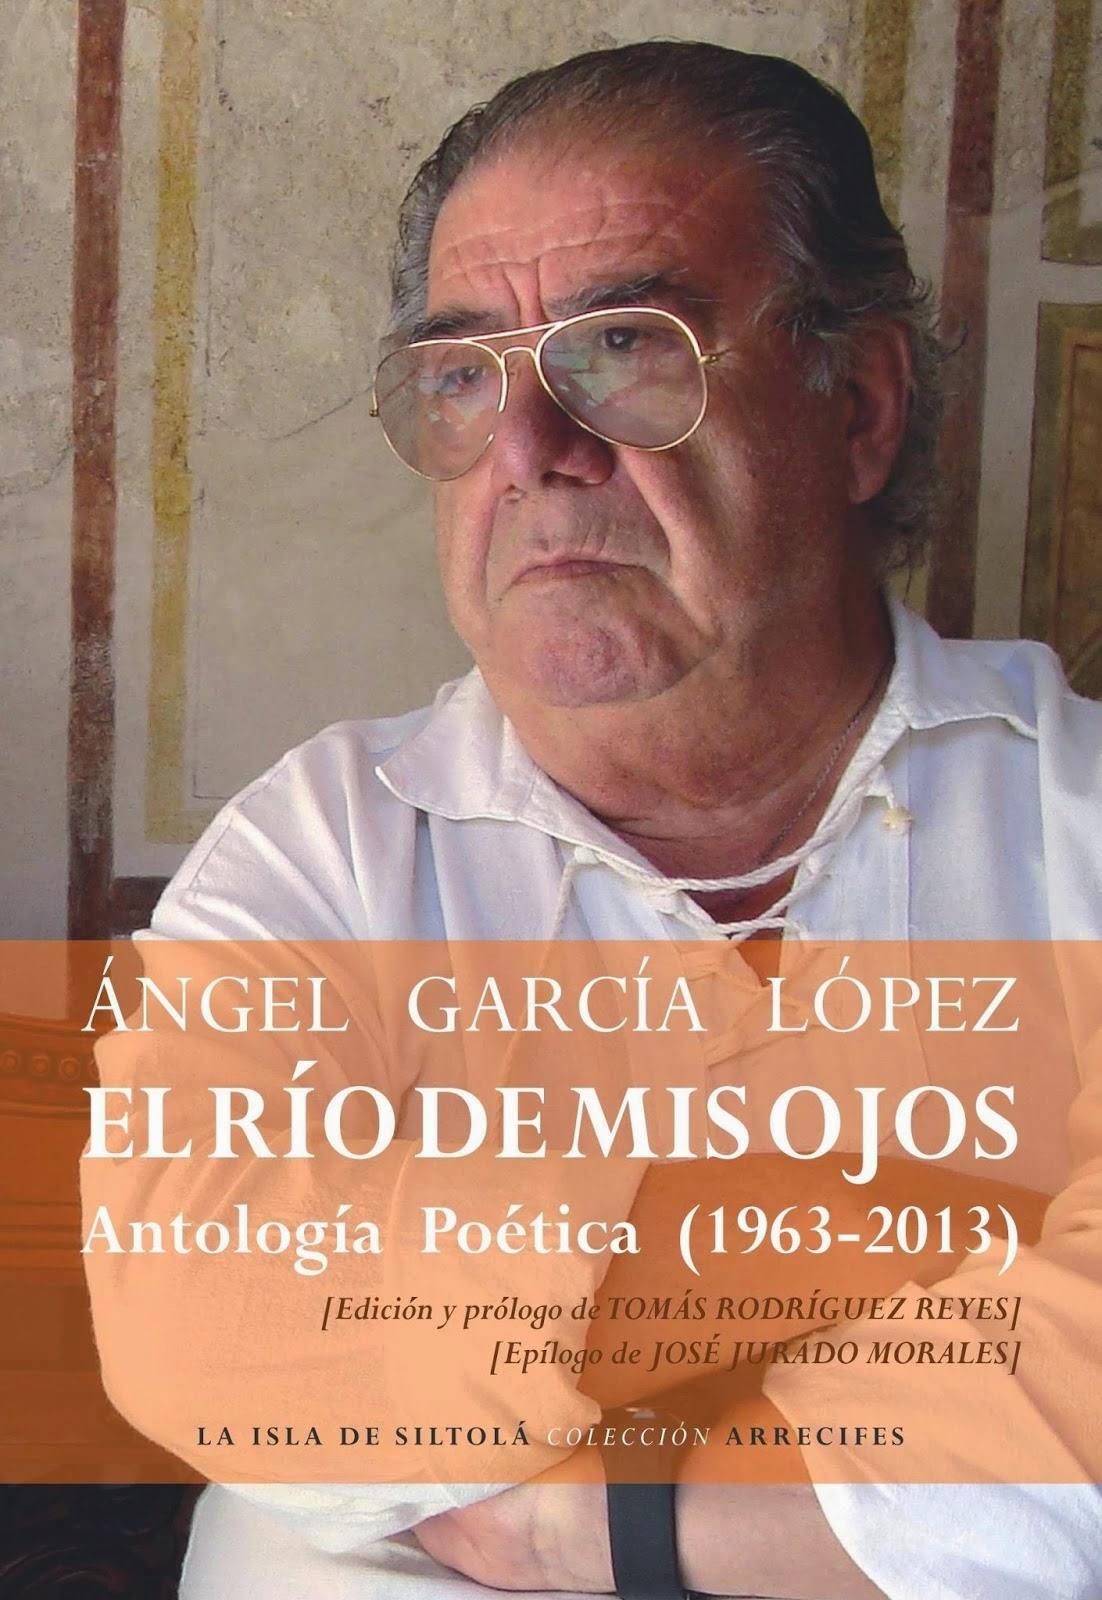 Edición y prólogo de la poesía de Ángel García López